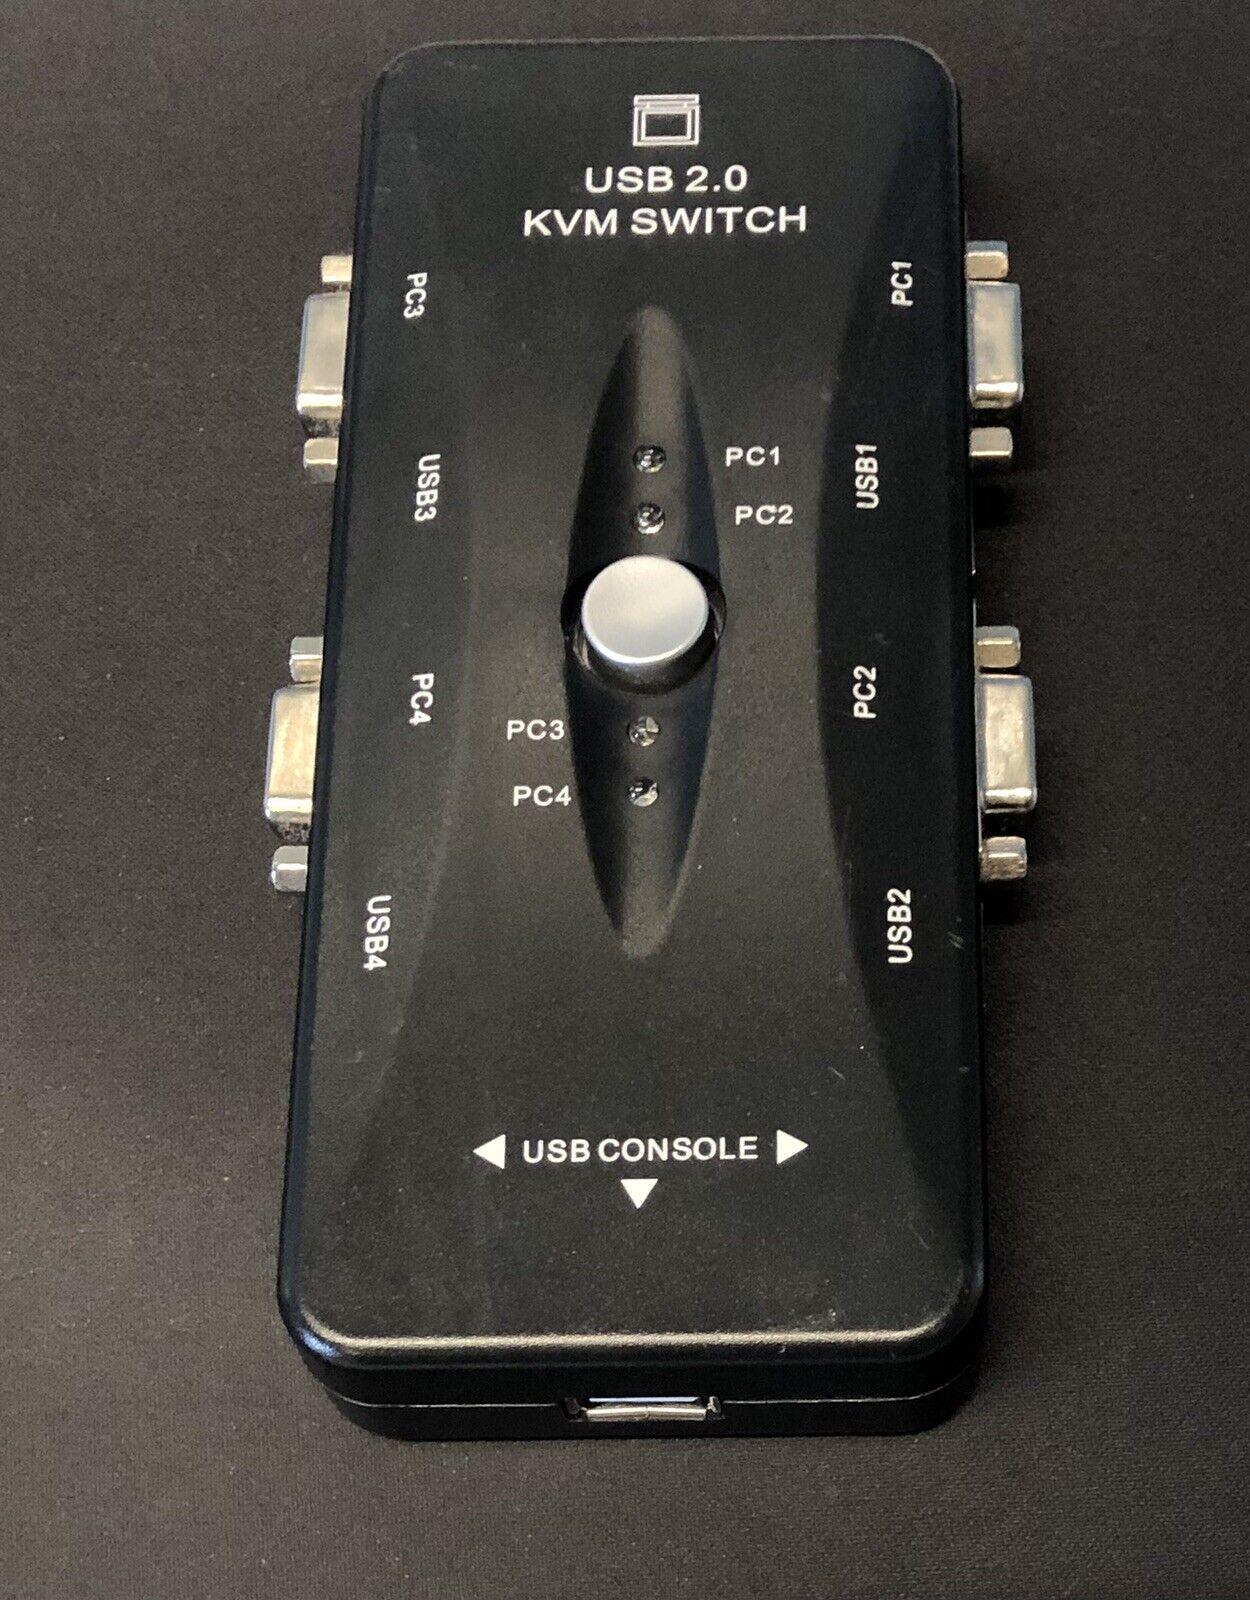 USB 2.0 KVM SWITCH KVM-41UA